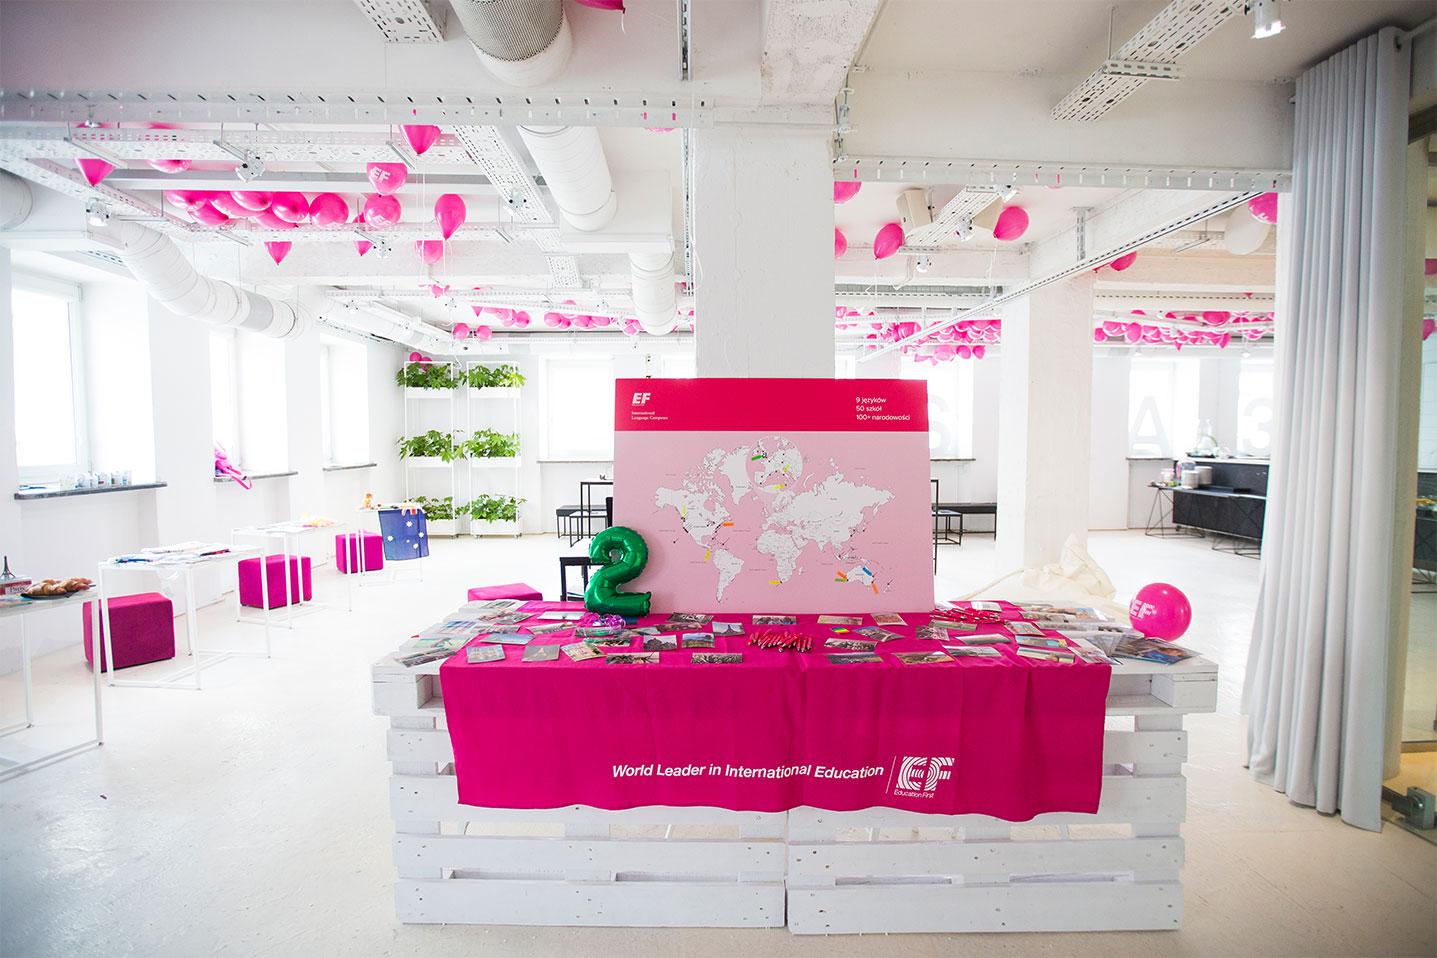 Udekorowana sala, w której odbywa się event wzmacniający kreowanie wizerunku marki